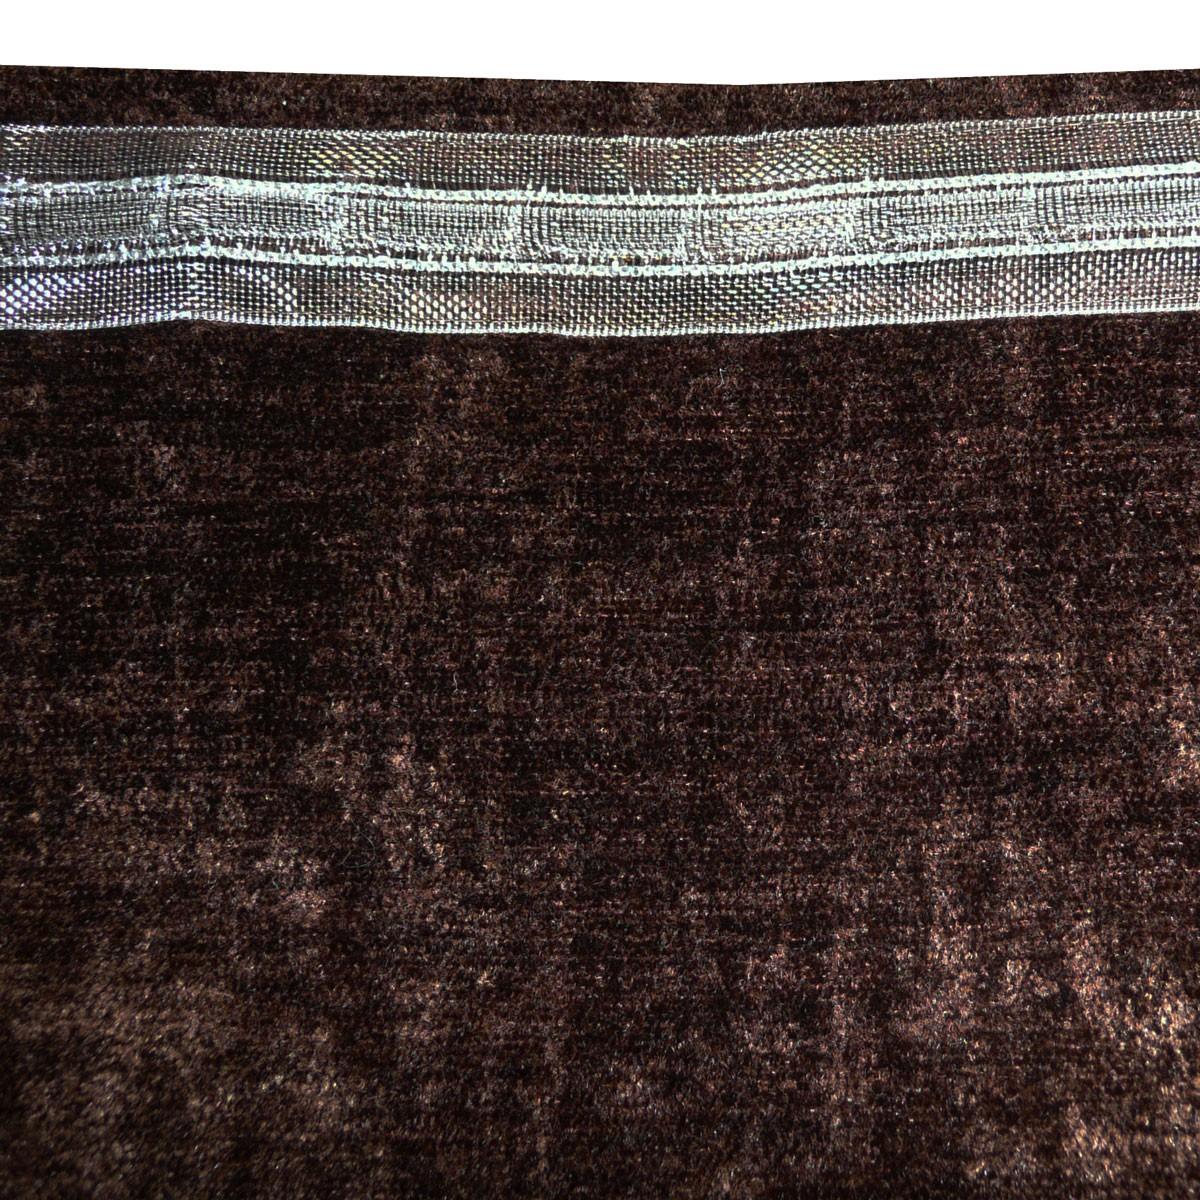 thermo chenille vorhang fertigvorhang k lteschutz schallschutz verdunkelung inuit braun. Black Bedroom Furniture Sets. Home Design Ideas